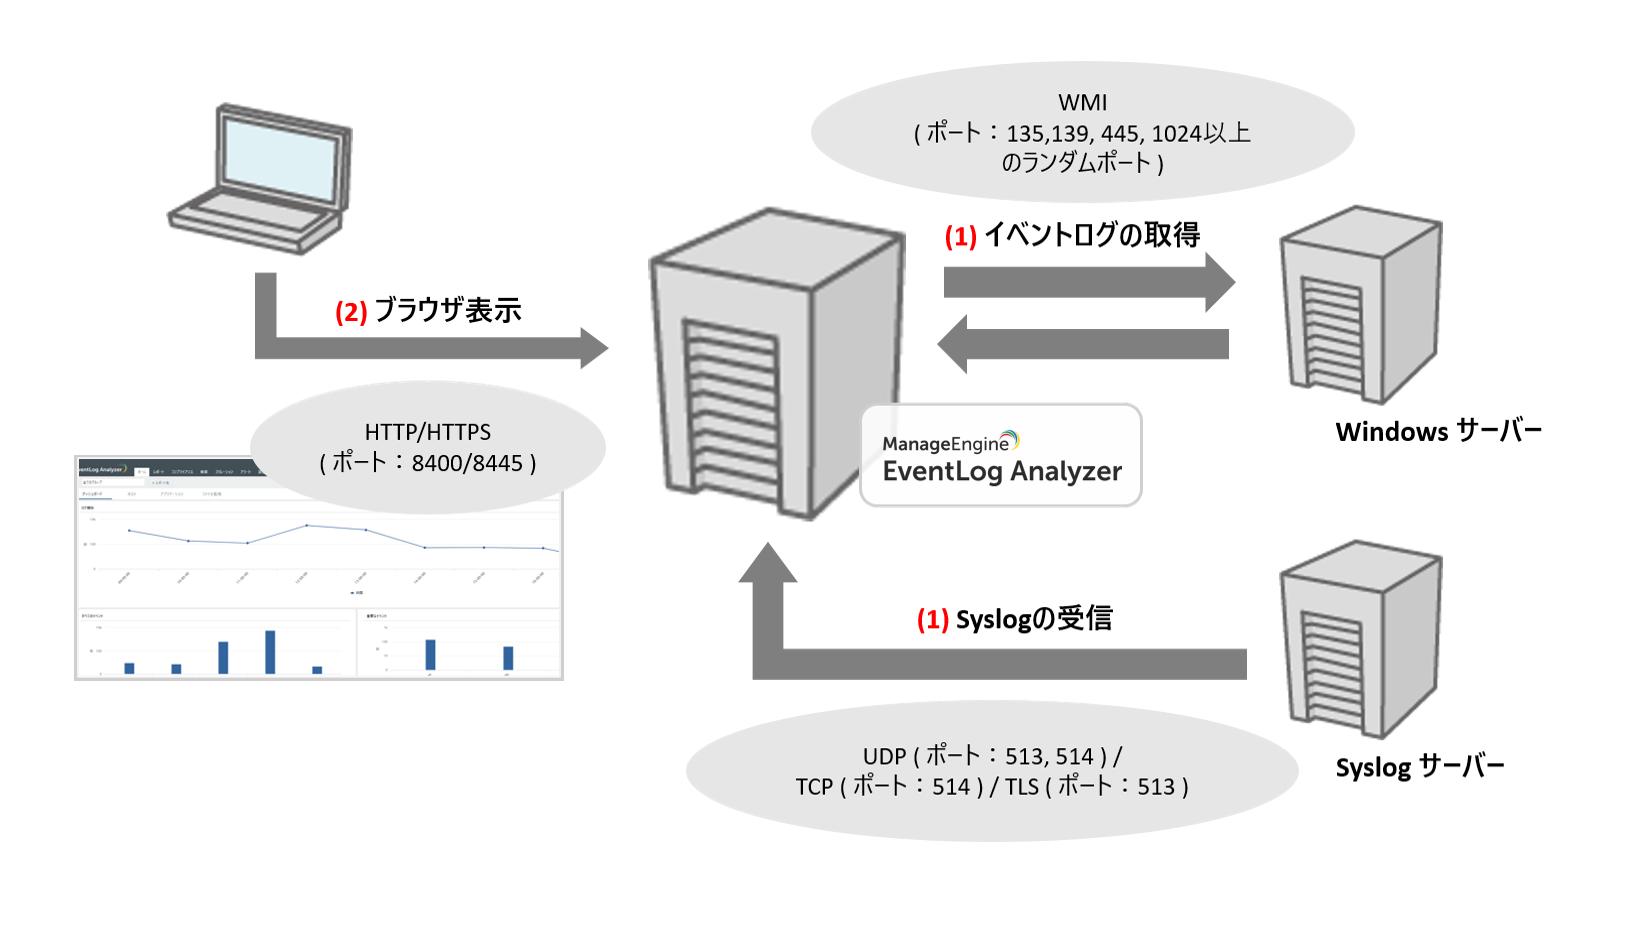 統合ログ管理/簡易SIEMソフト EventLog Analyzerのエージェントレス利用における構成図